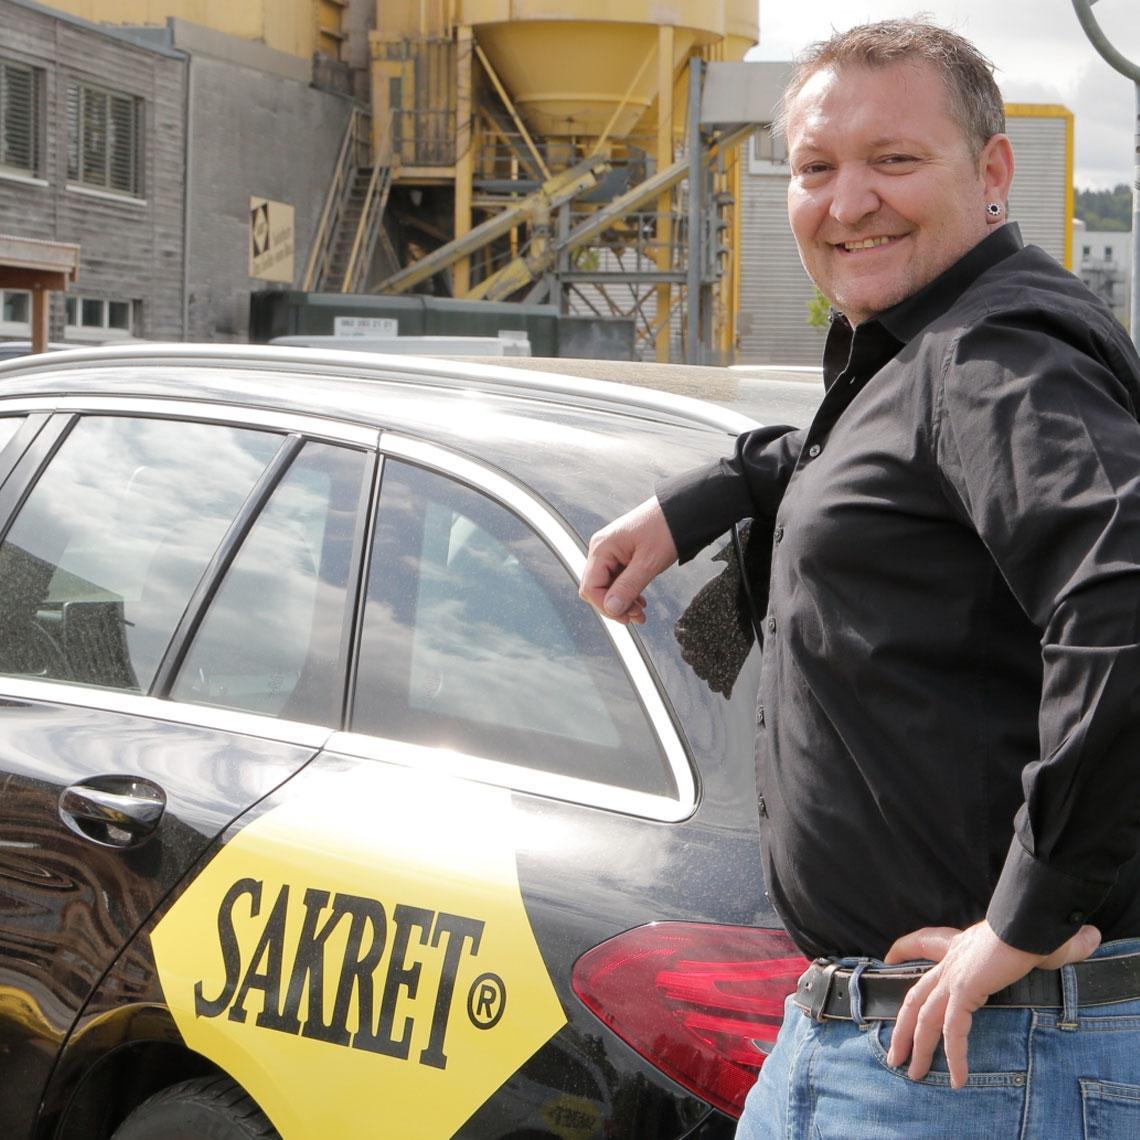 SAKRET Fahrzeugflotte Branding | Mitarbeiter vor SAKRET-Auto